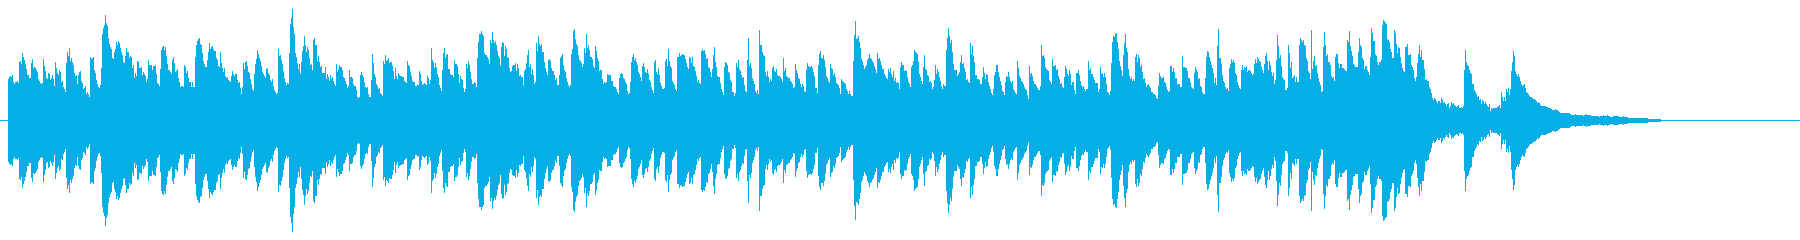 結婚式のBGM_ピアノの再生済みの波形